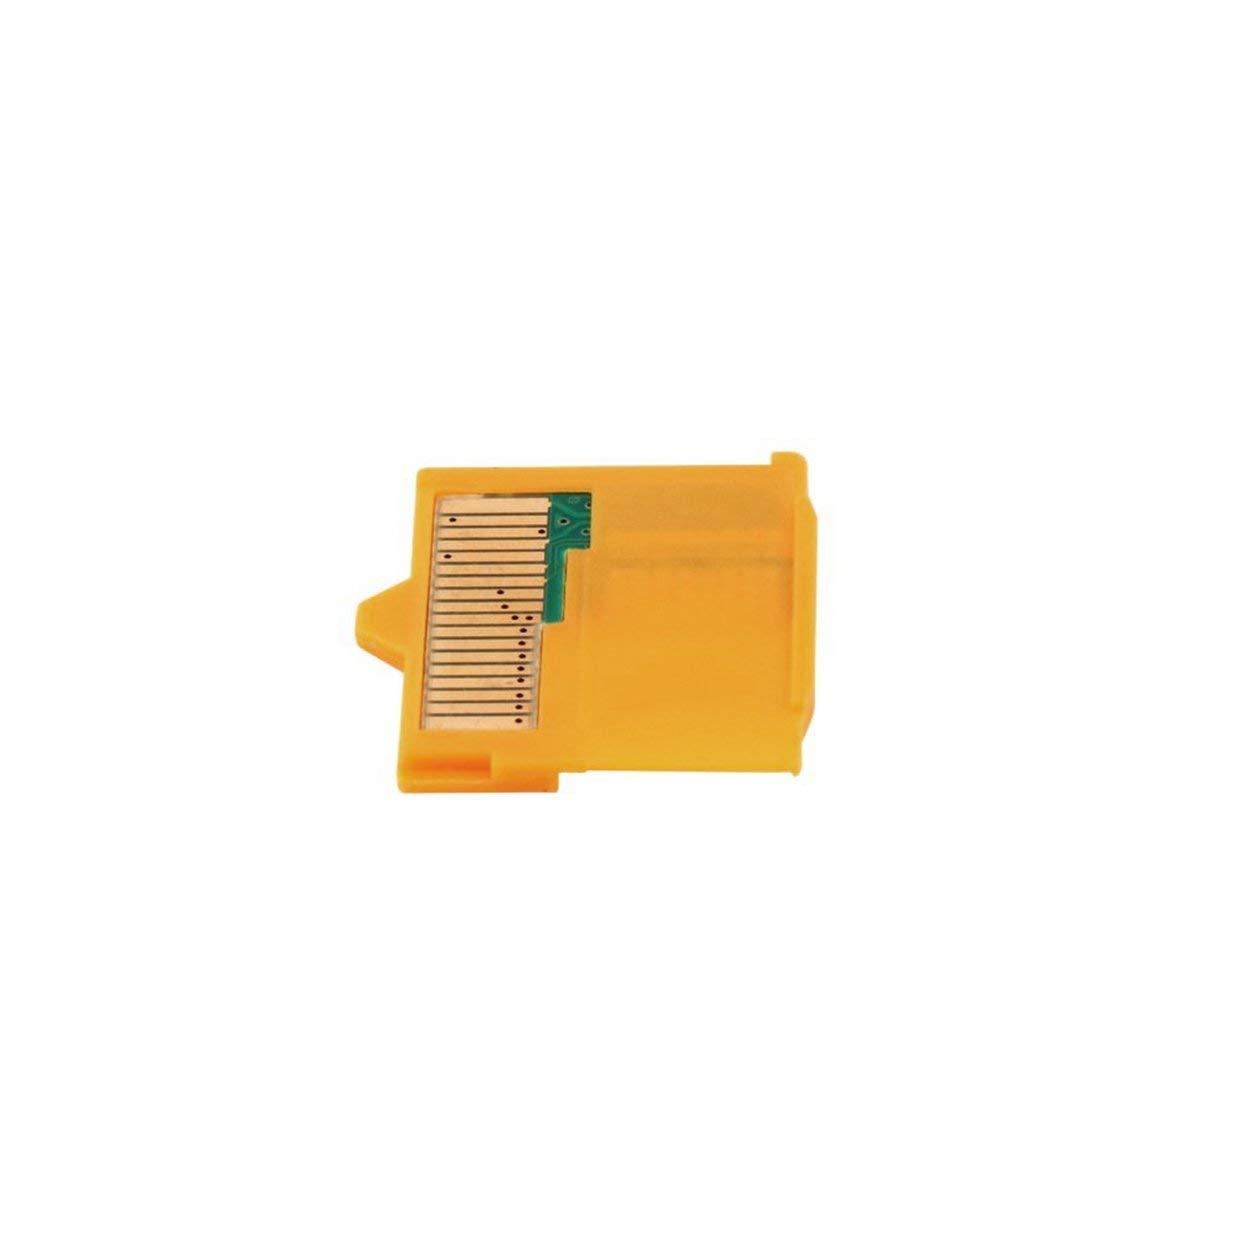 Amarillo MASD-1 Cámara Adjunto a TF XD Adaptador de Tarjeta de inserción para Olympus